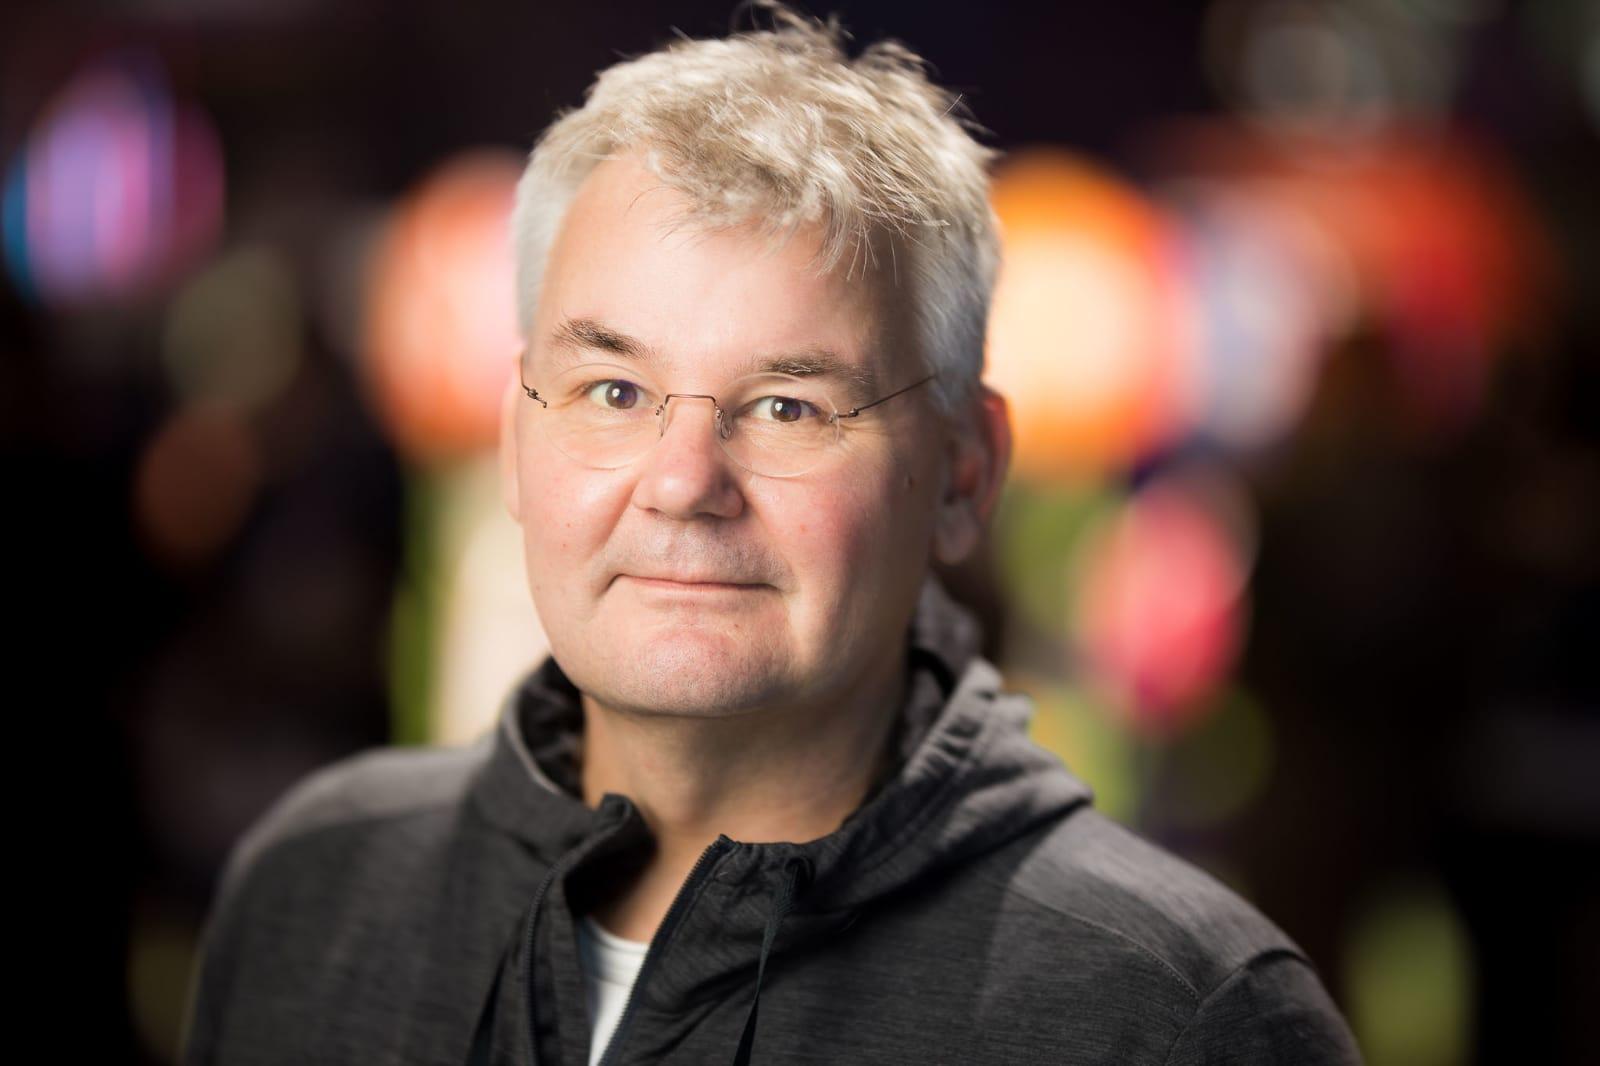 Clemens Reijnen